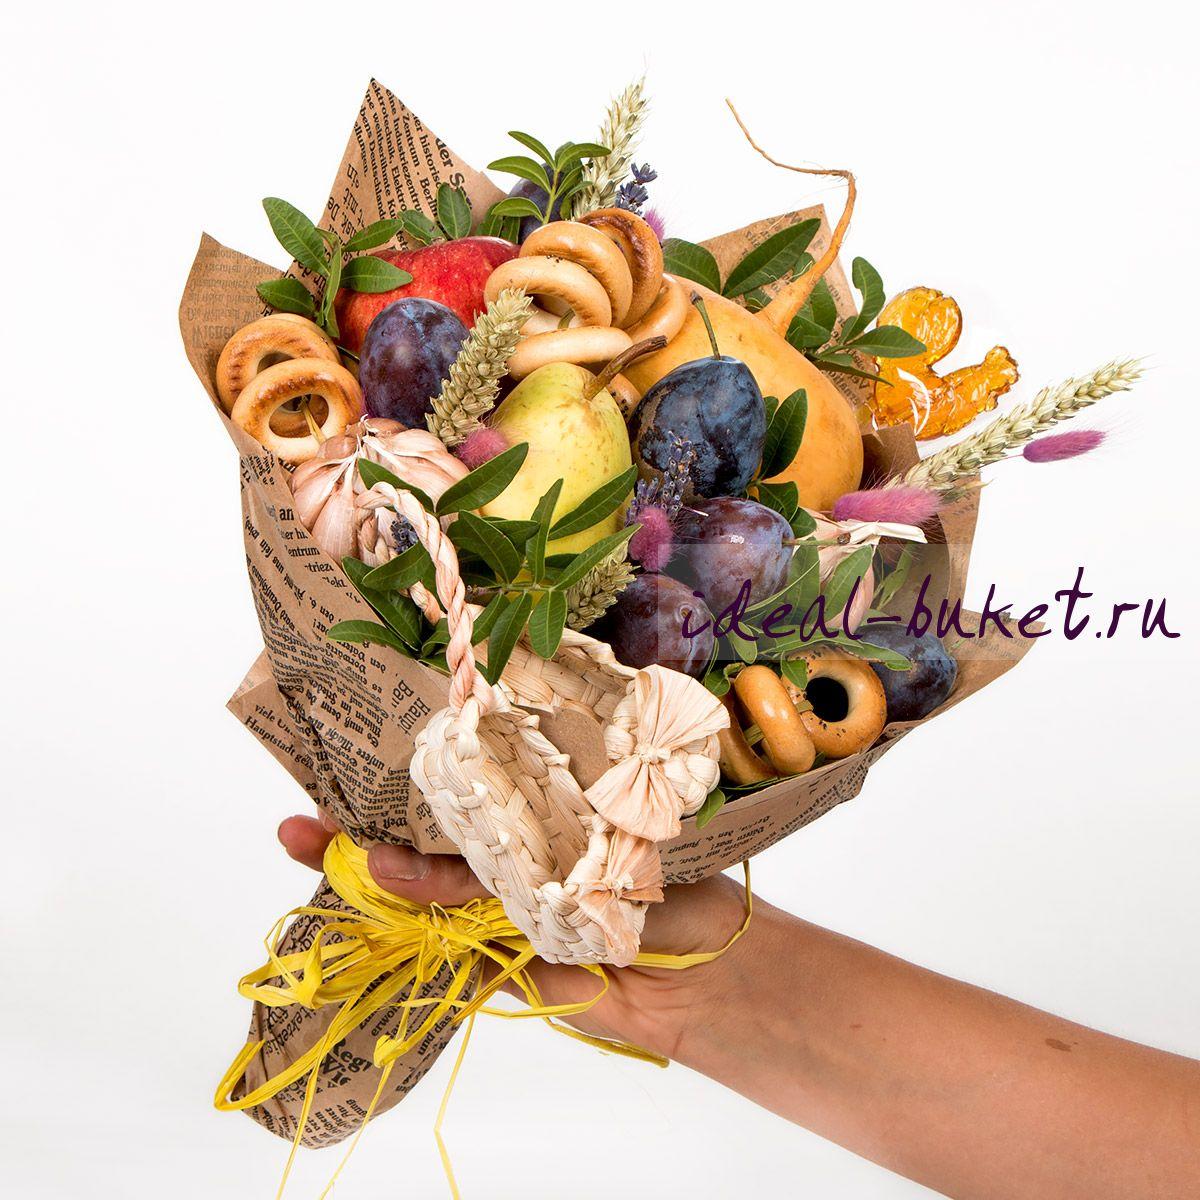 Как сделать букет из овощей